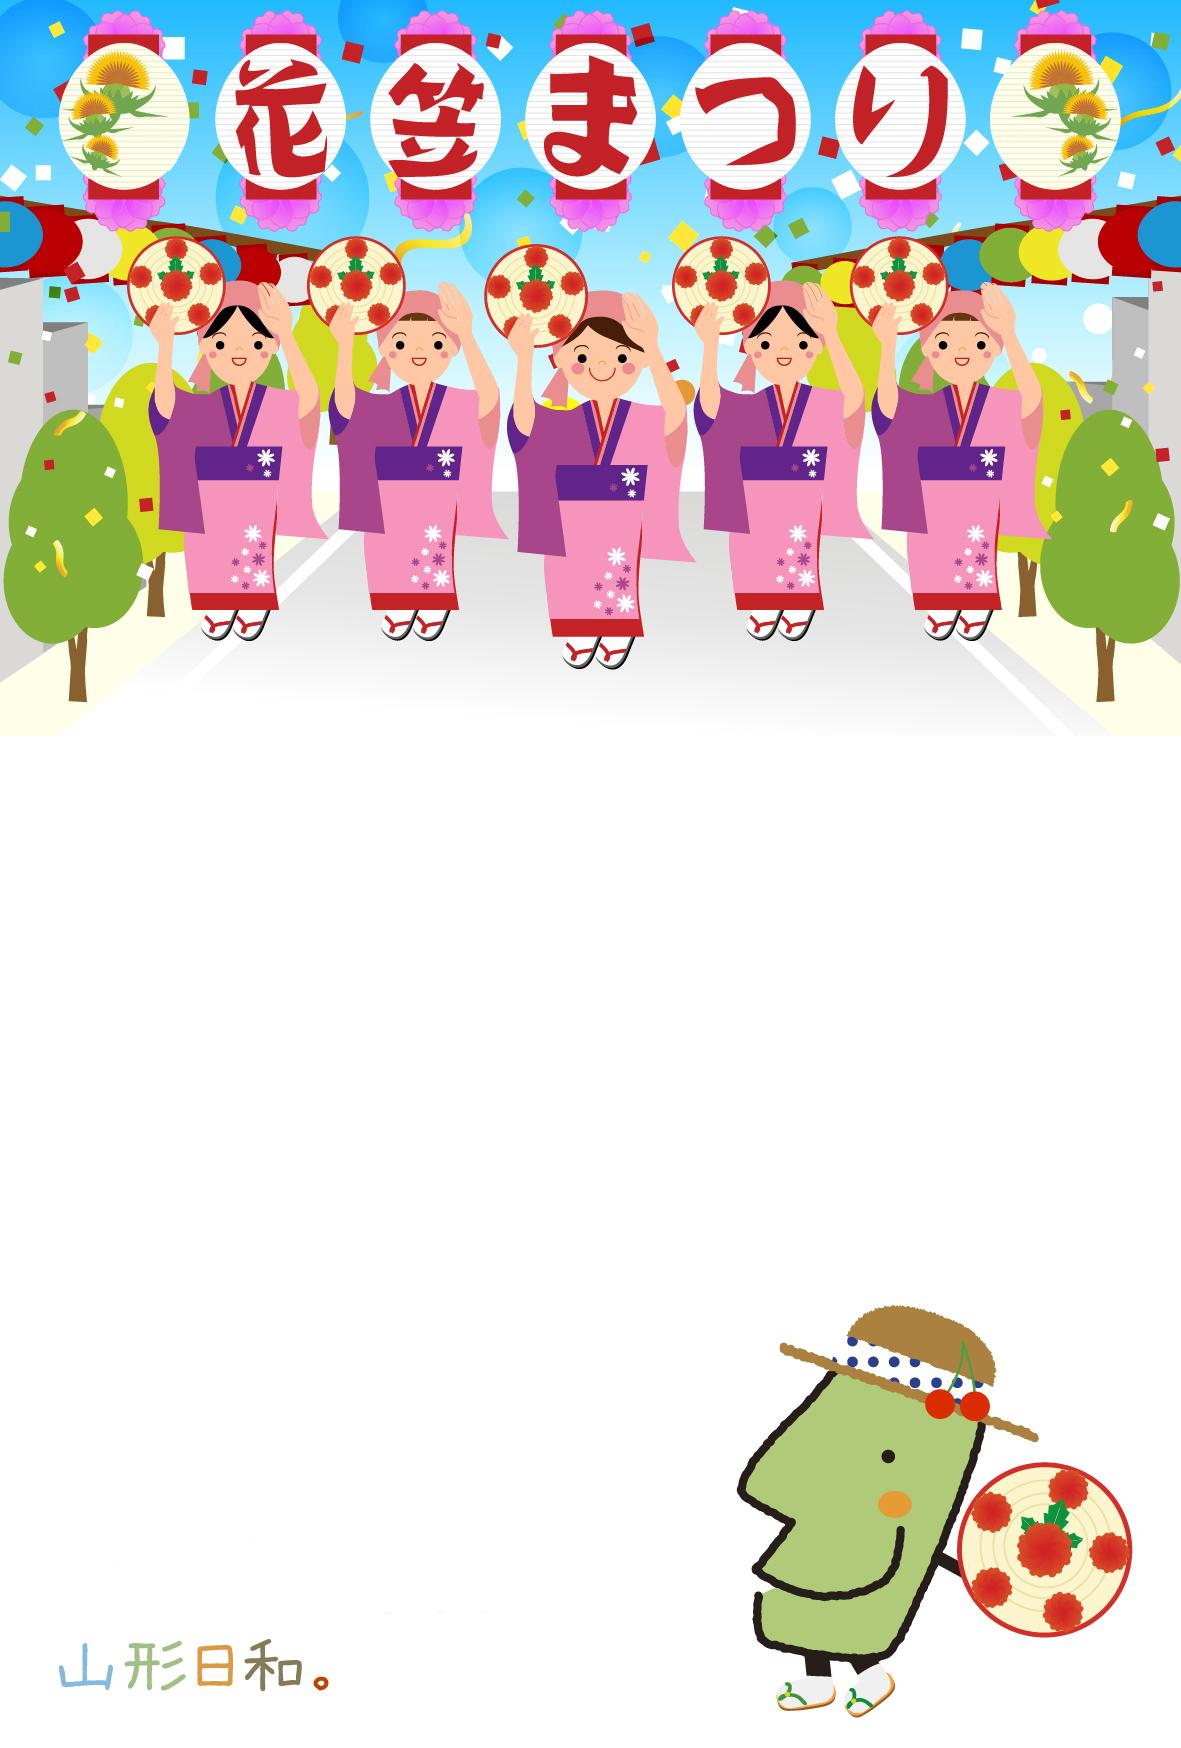 明信片29